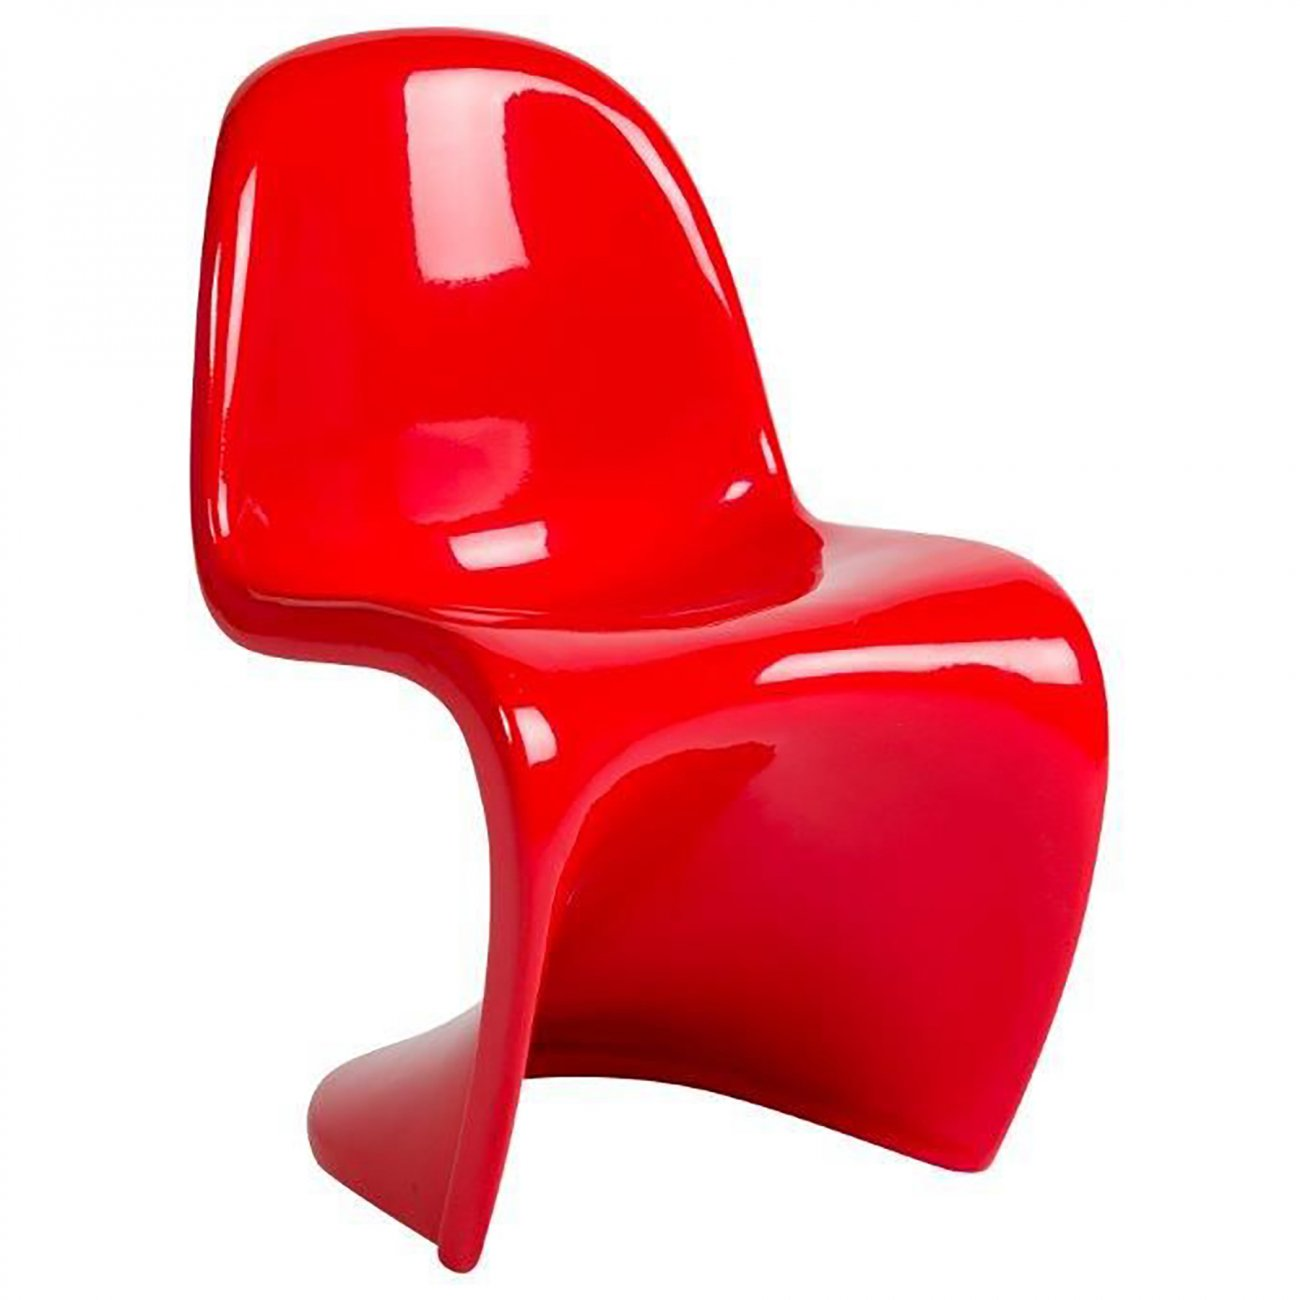 Купить Детский стул Pantone Красный в интернет магазине дизайнерской мебели и аксессуаров для дома и дачи